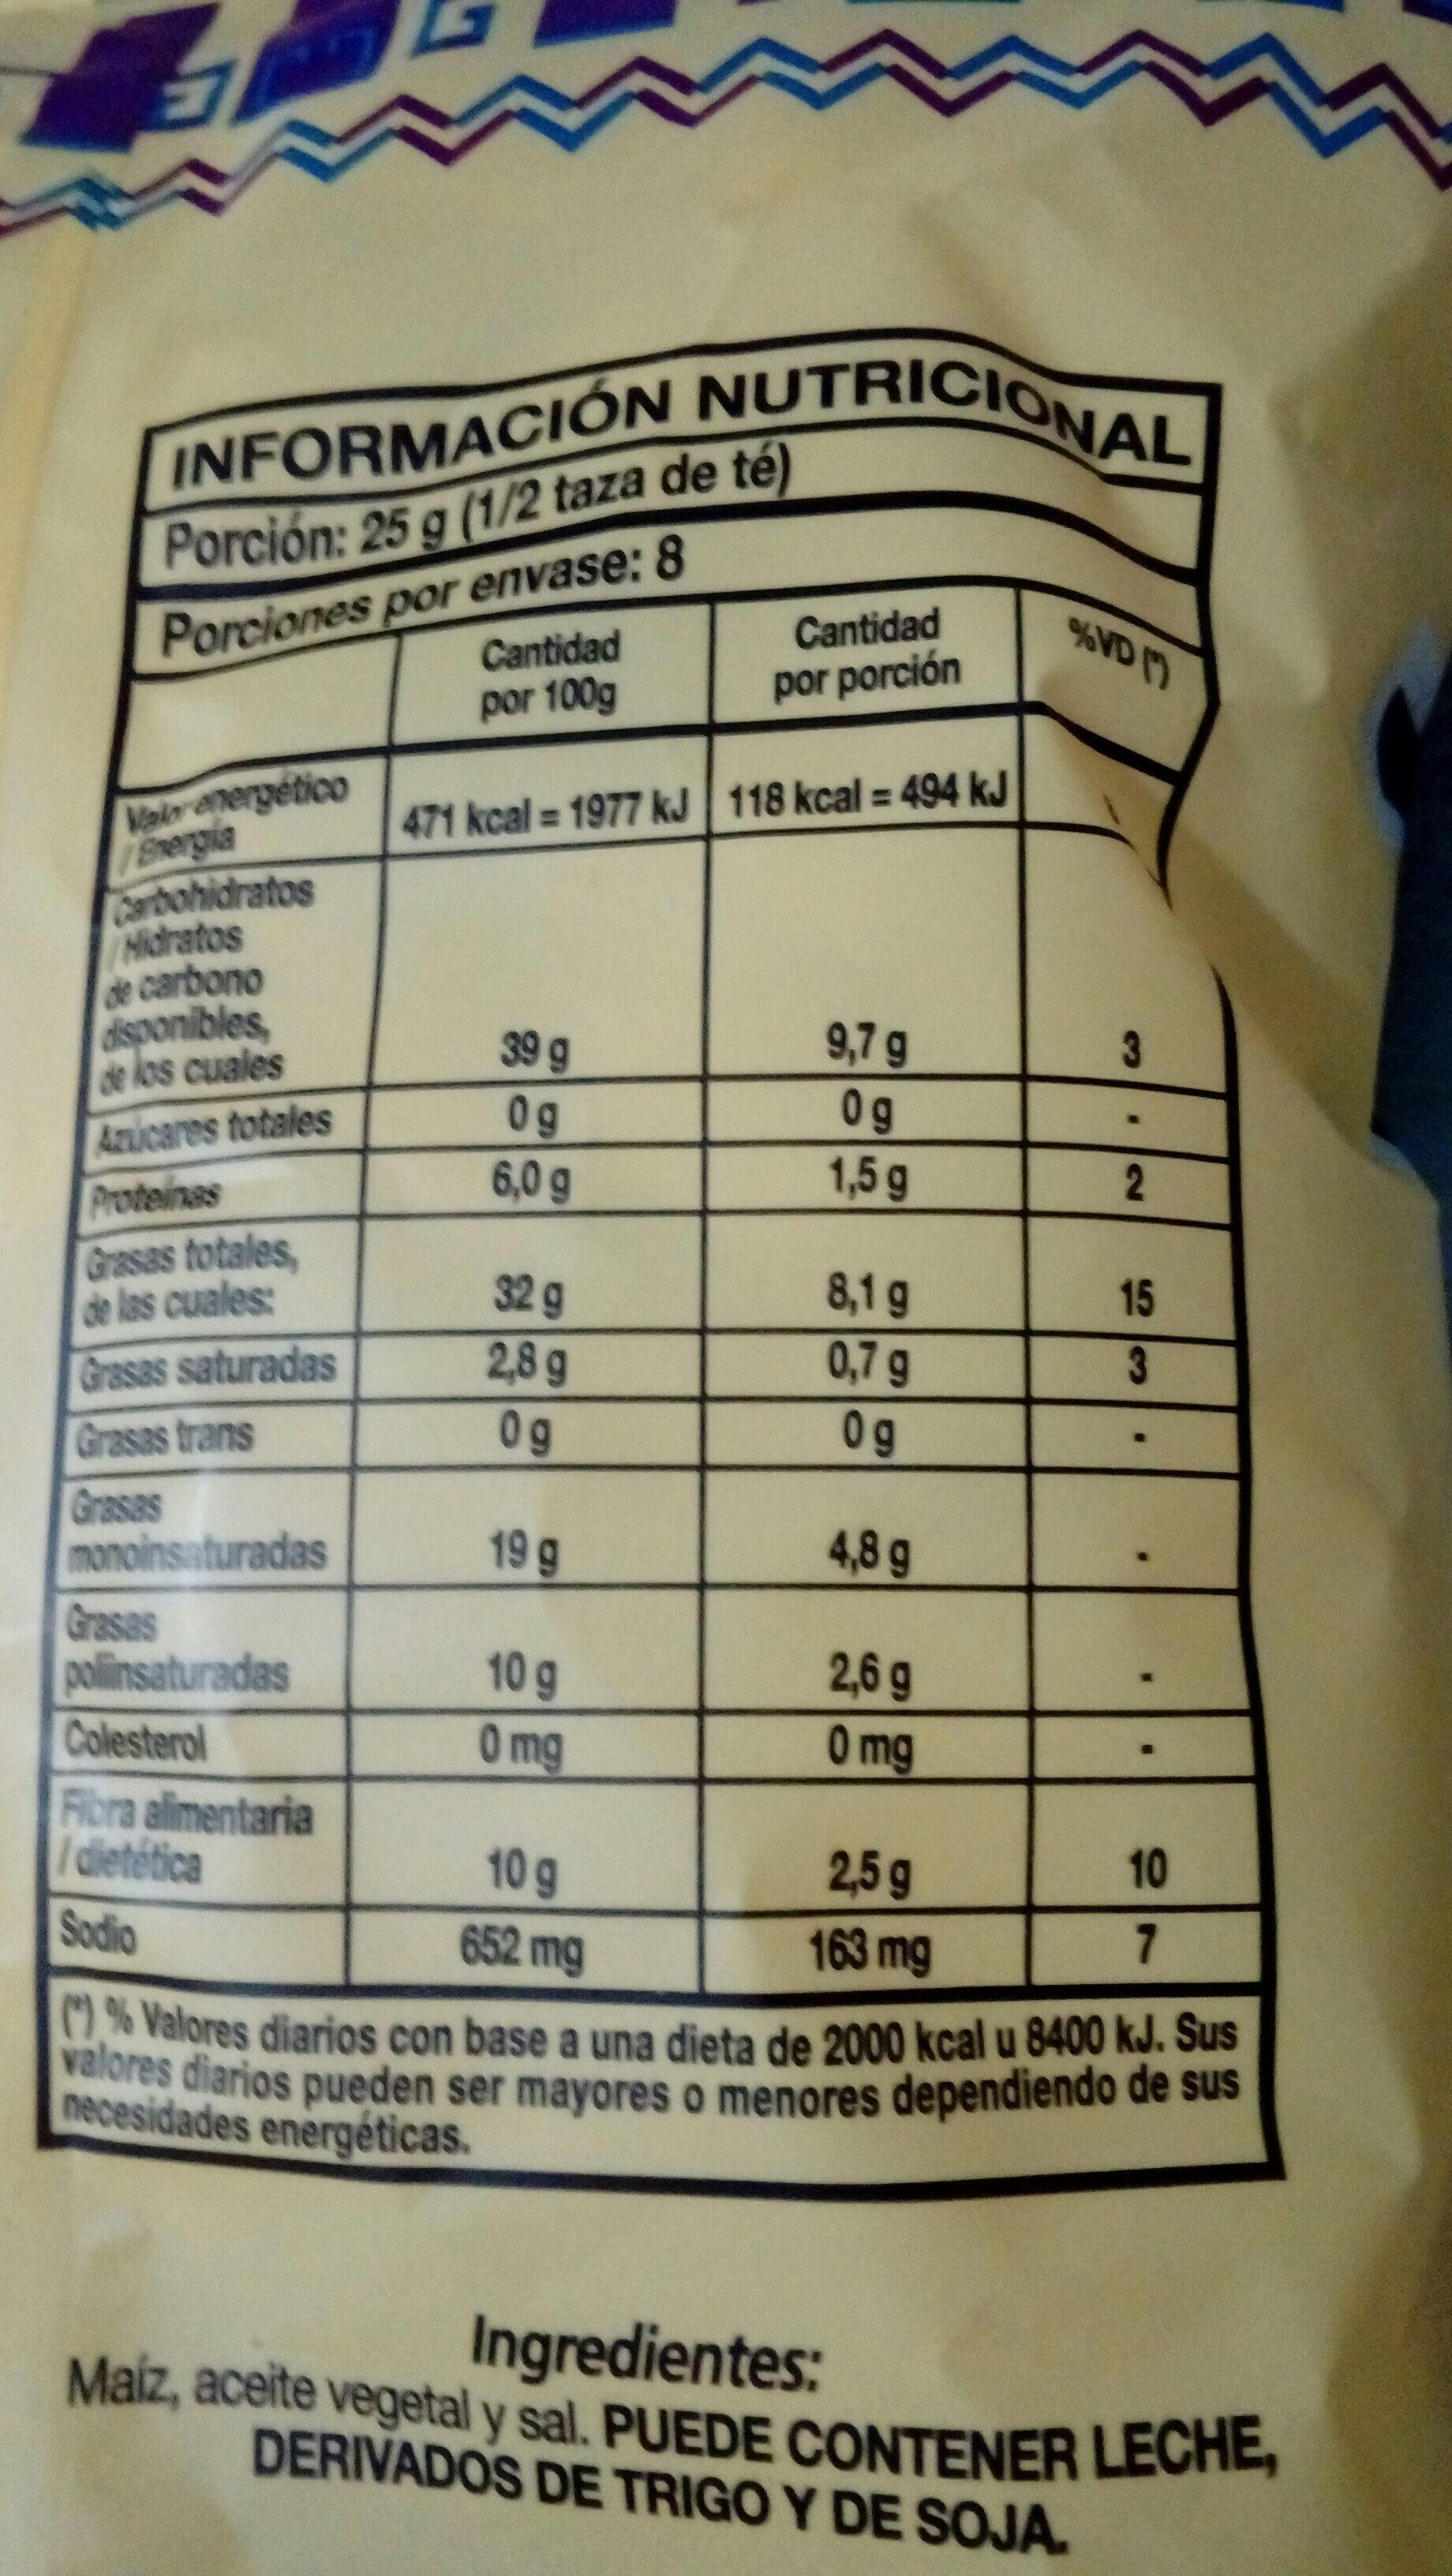 tostitos (nachos) - Nutrition facts - es